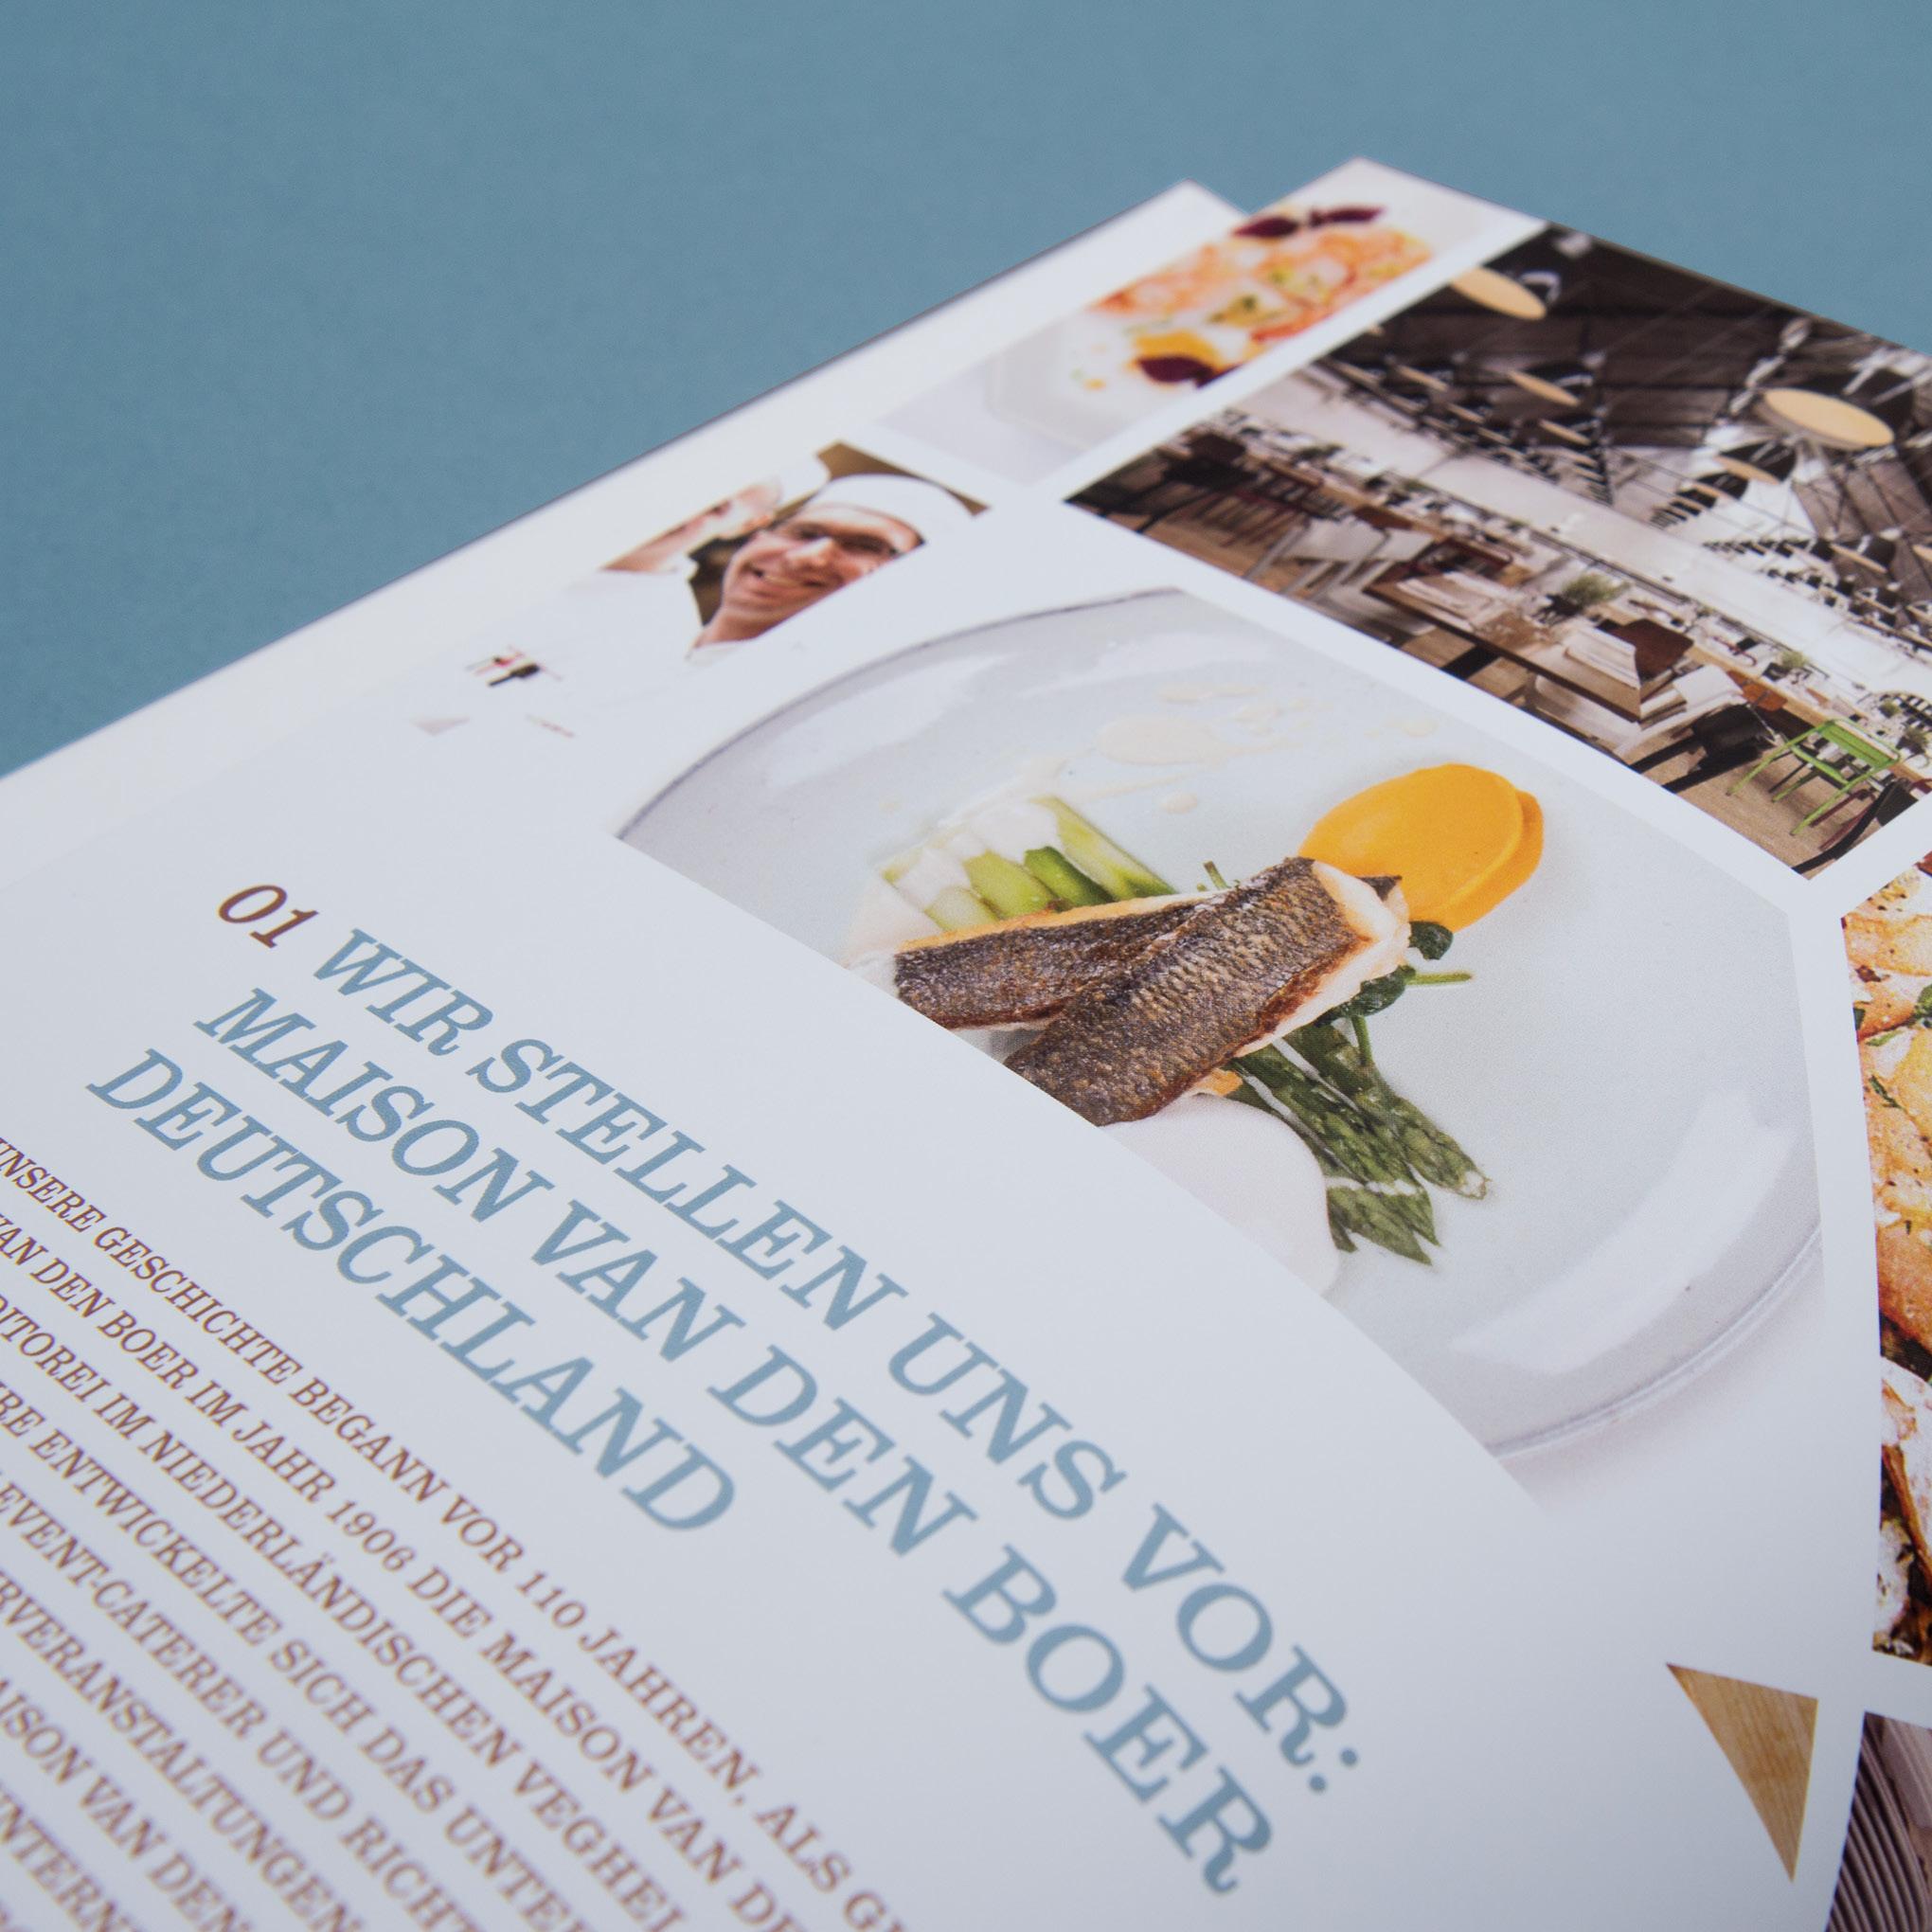 Ansicht einer Seite aus dem Buch, das die sons of ipanema für Maison van den Boer gestaltet haben